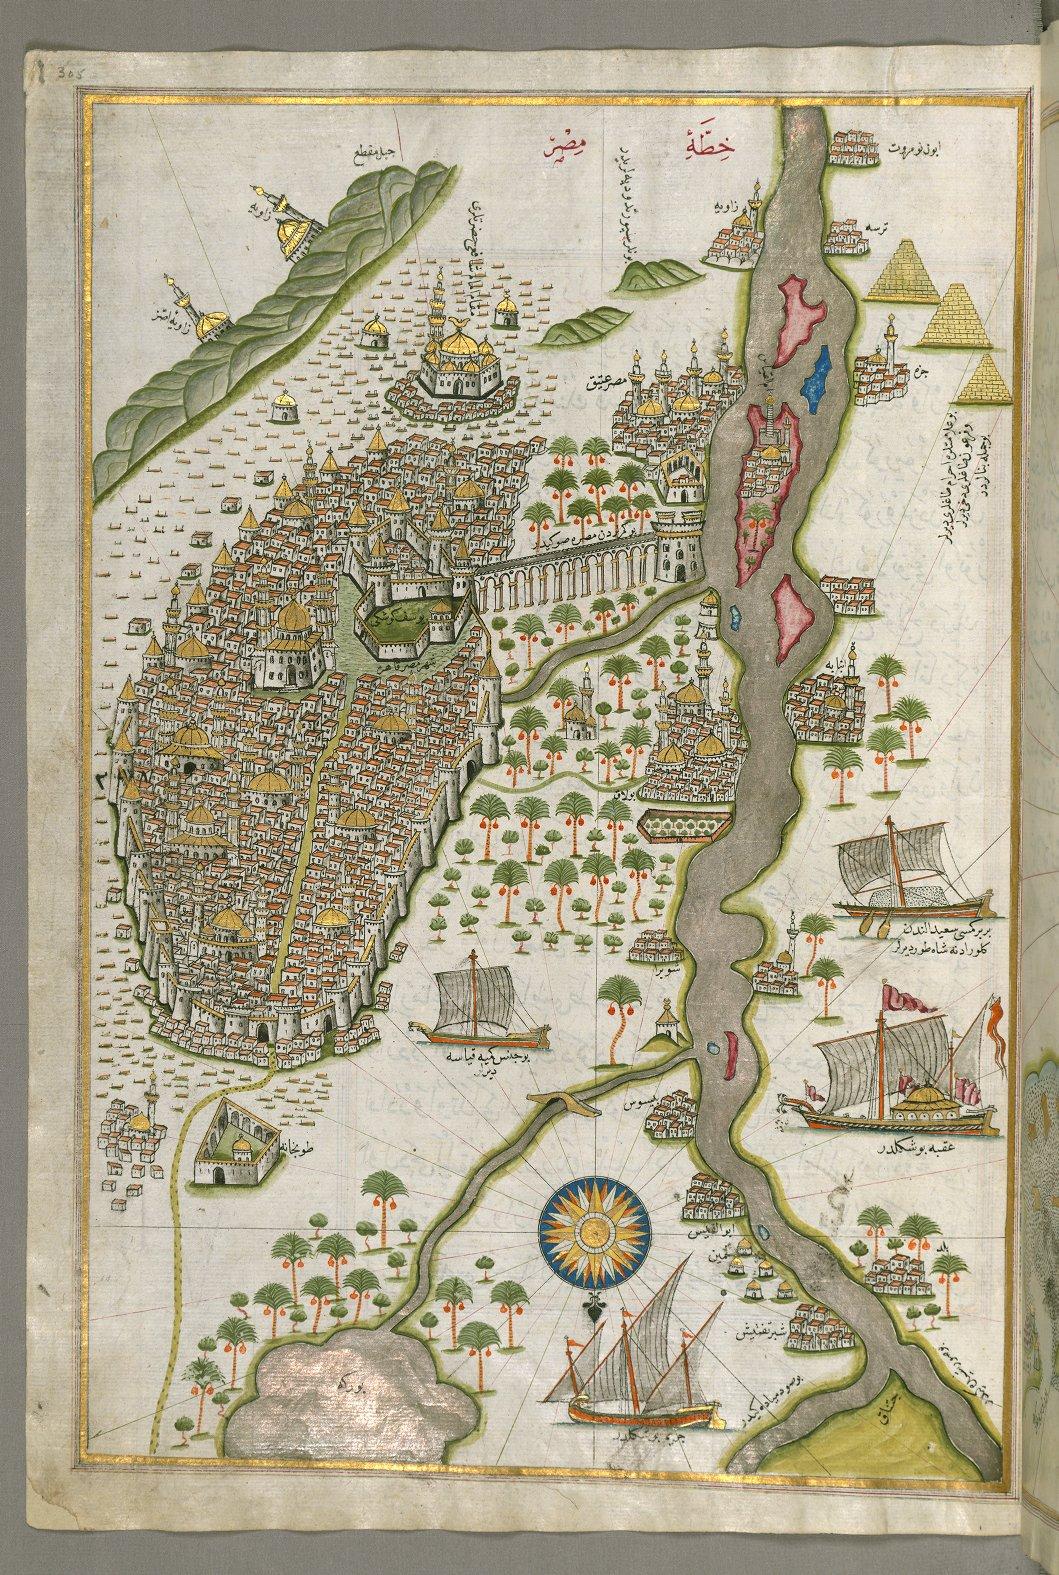 City of Cairo_ Piri_Reis_1554.jpg